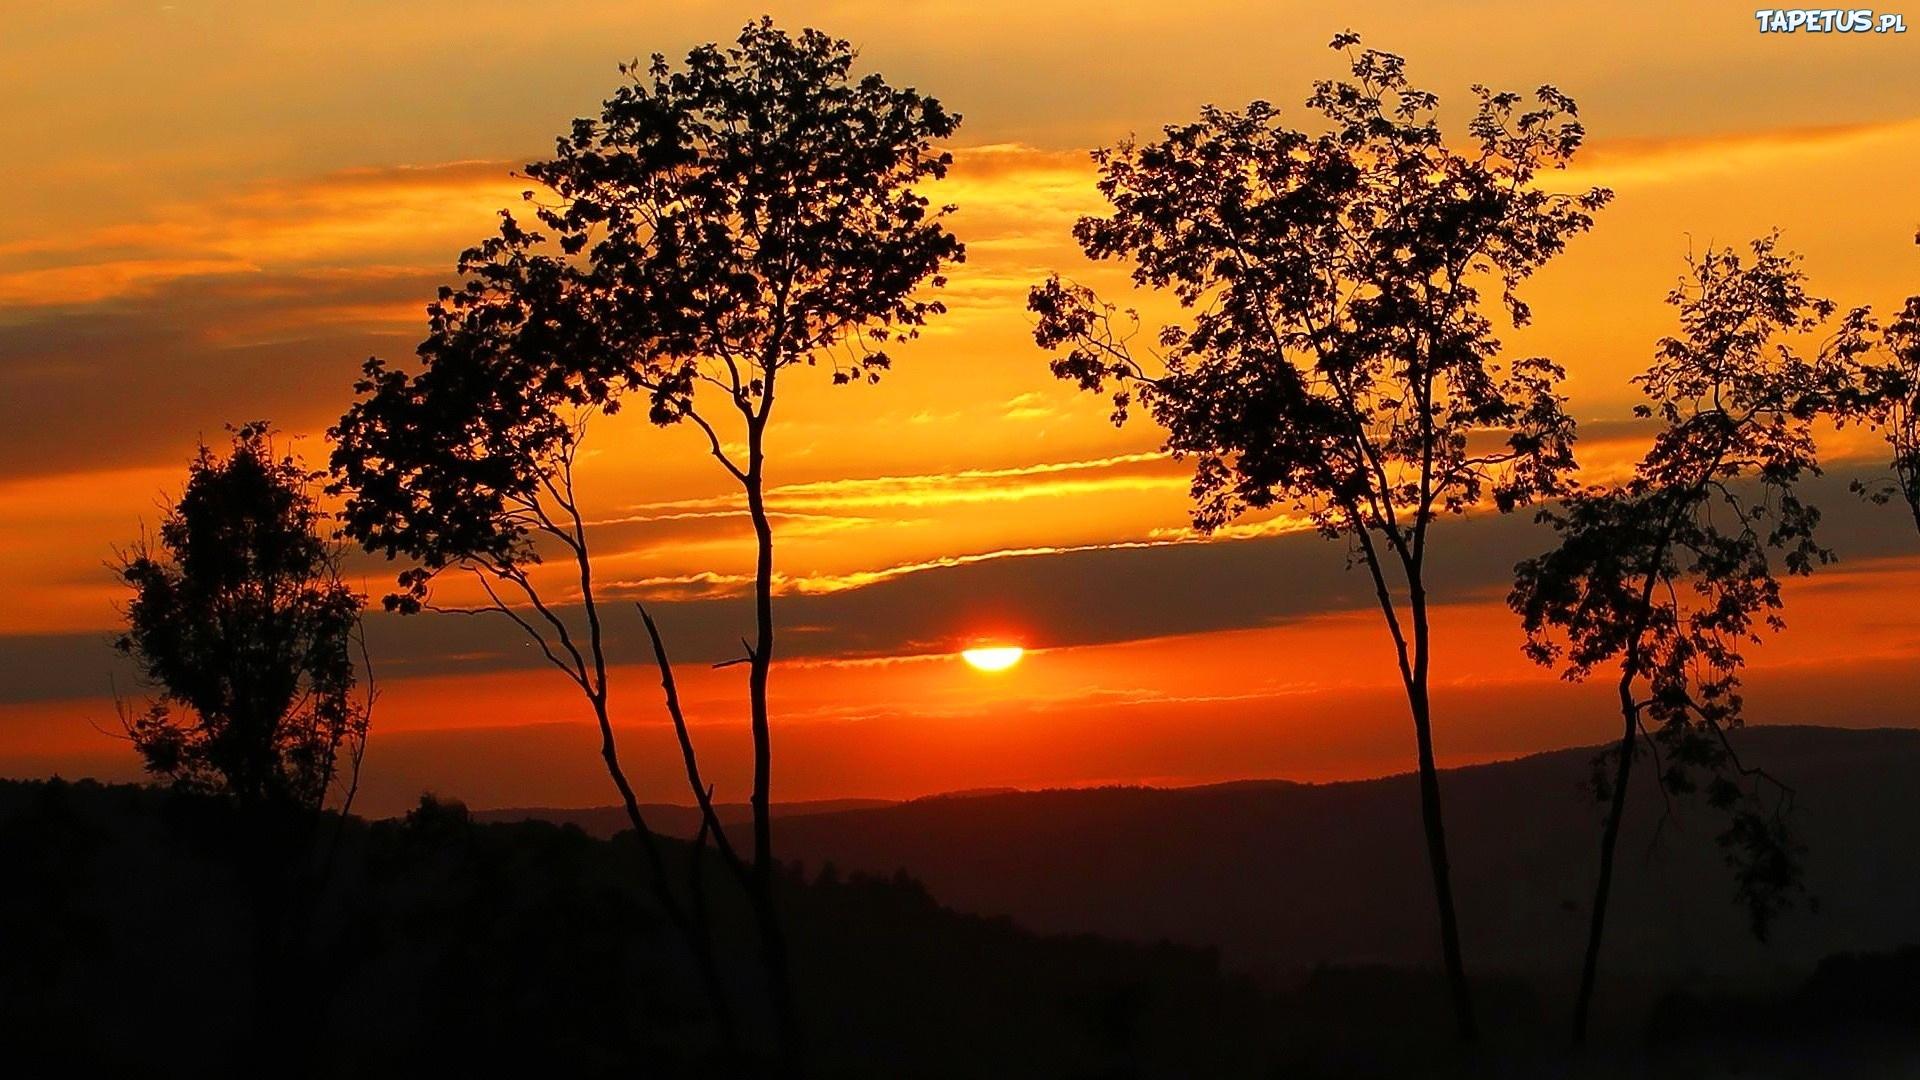 дерево солнце закат tree the sun sunset без регистрации